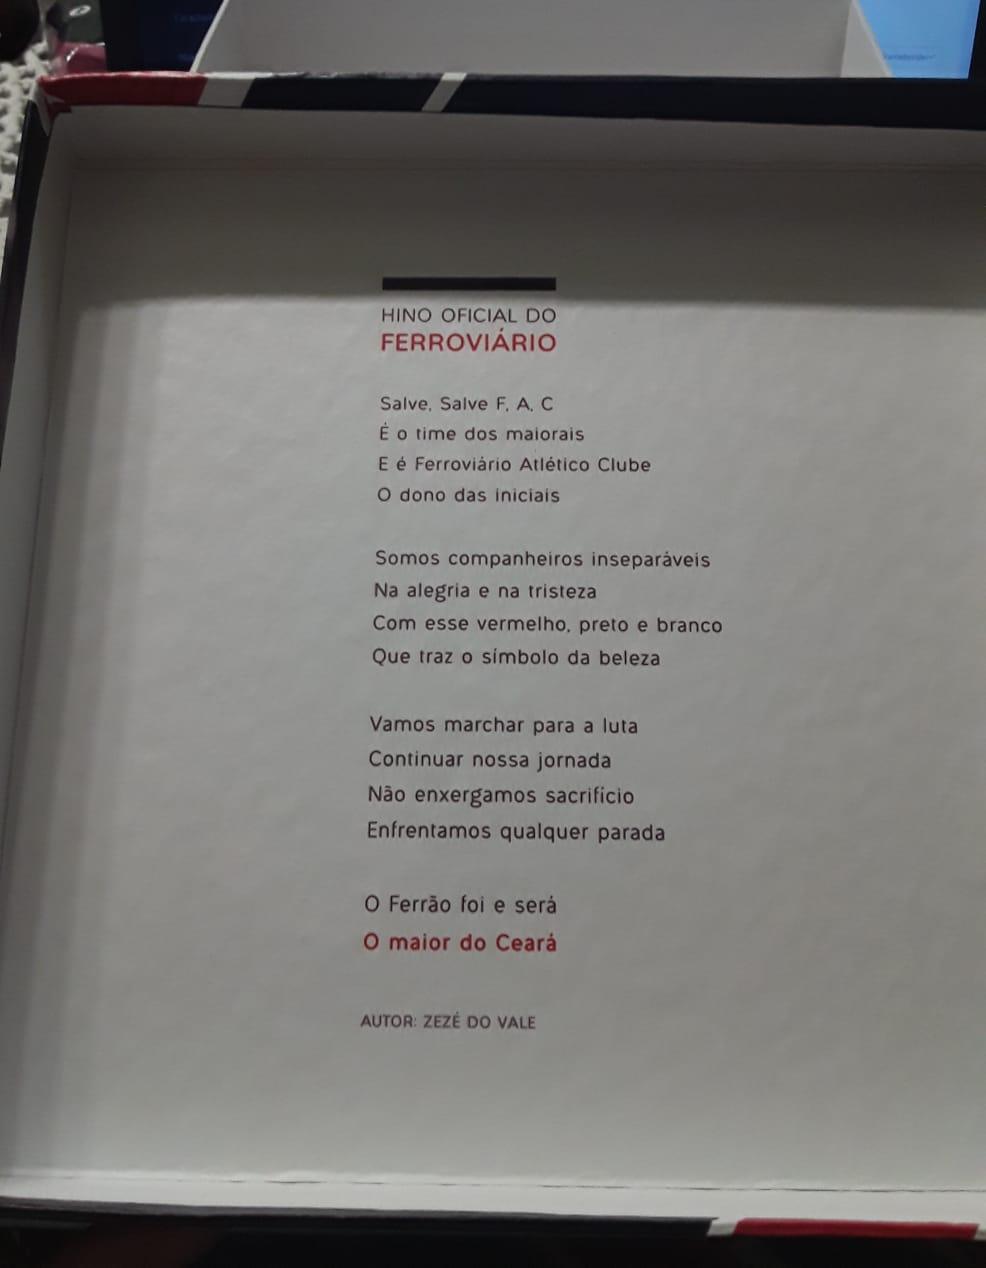 Kit dos pais (camisa concentração + caneca + caixa)  - Ferrão Store